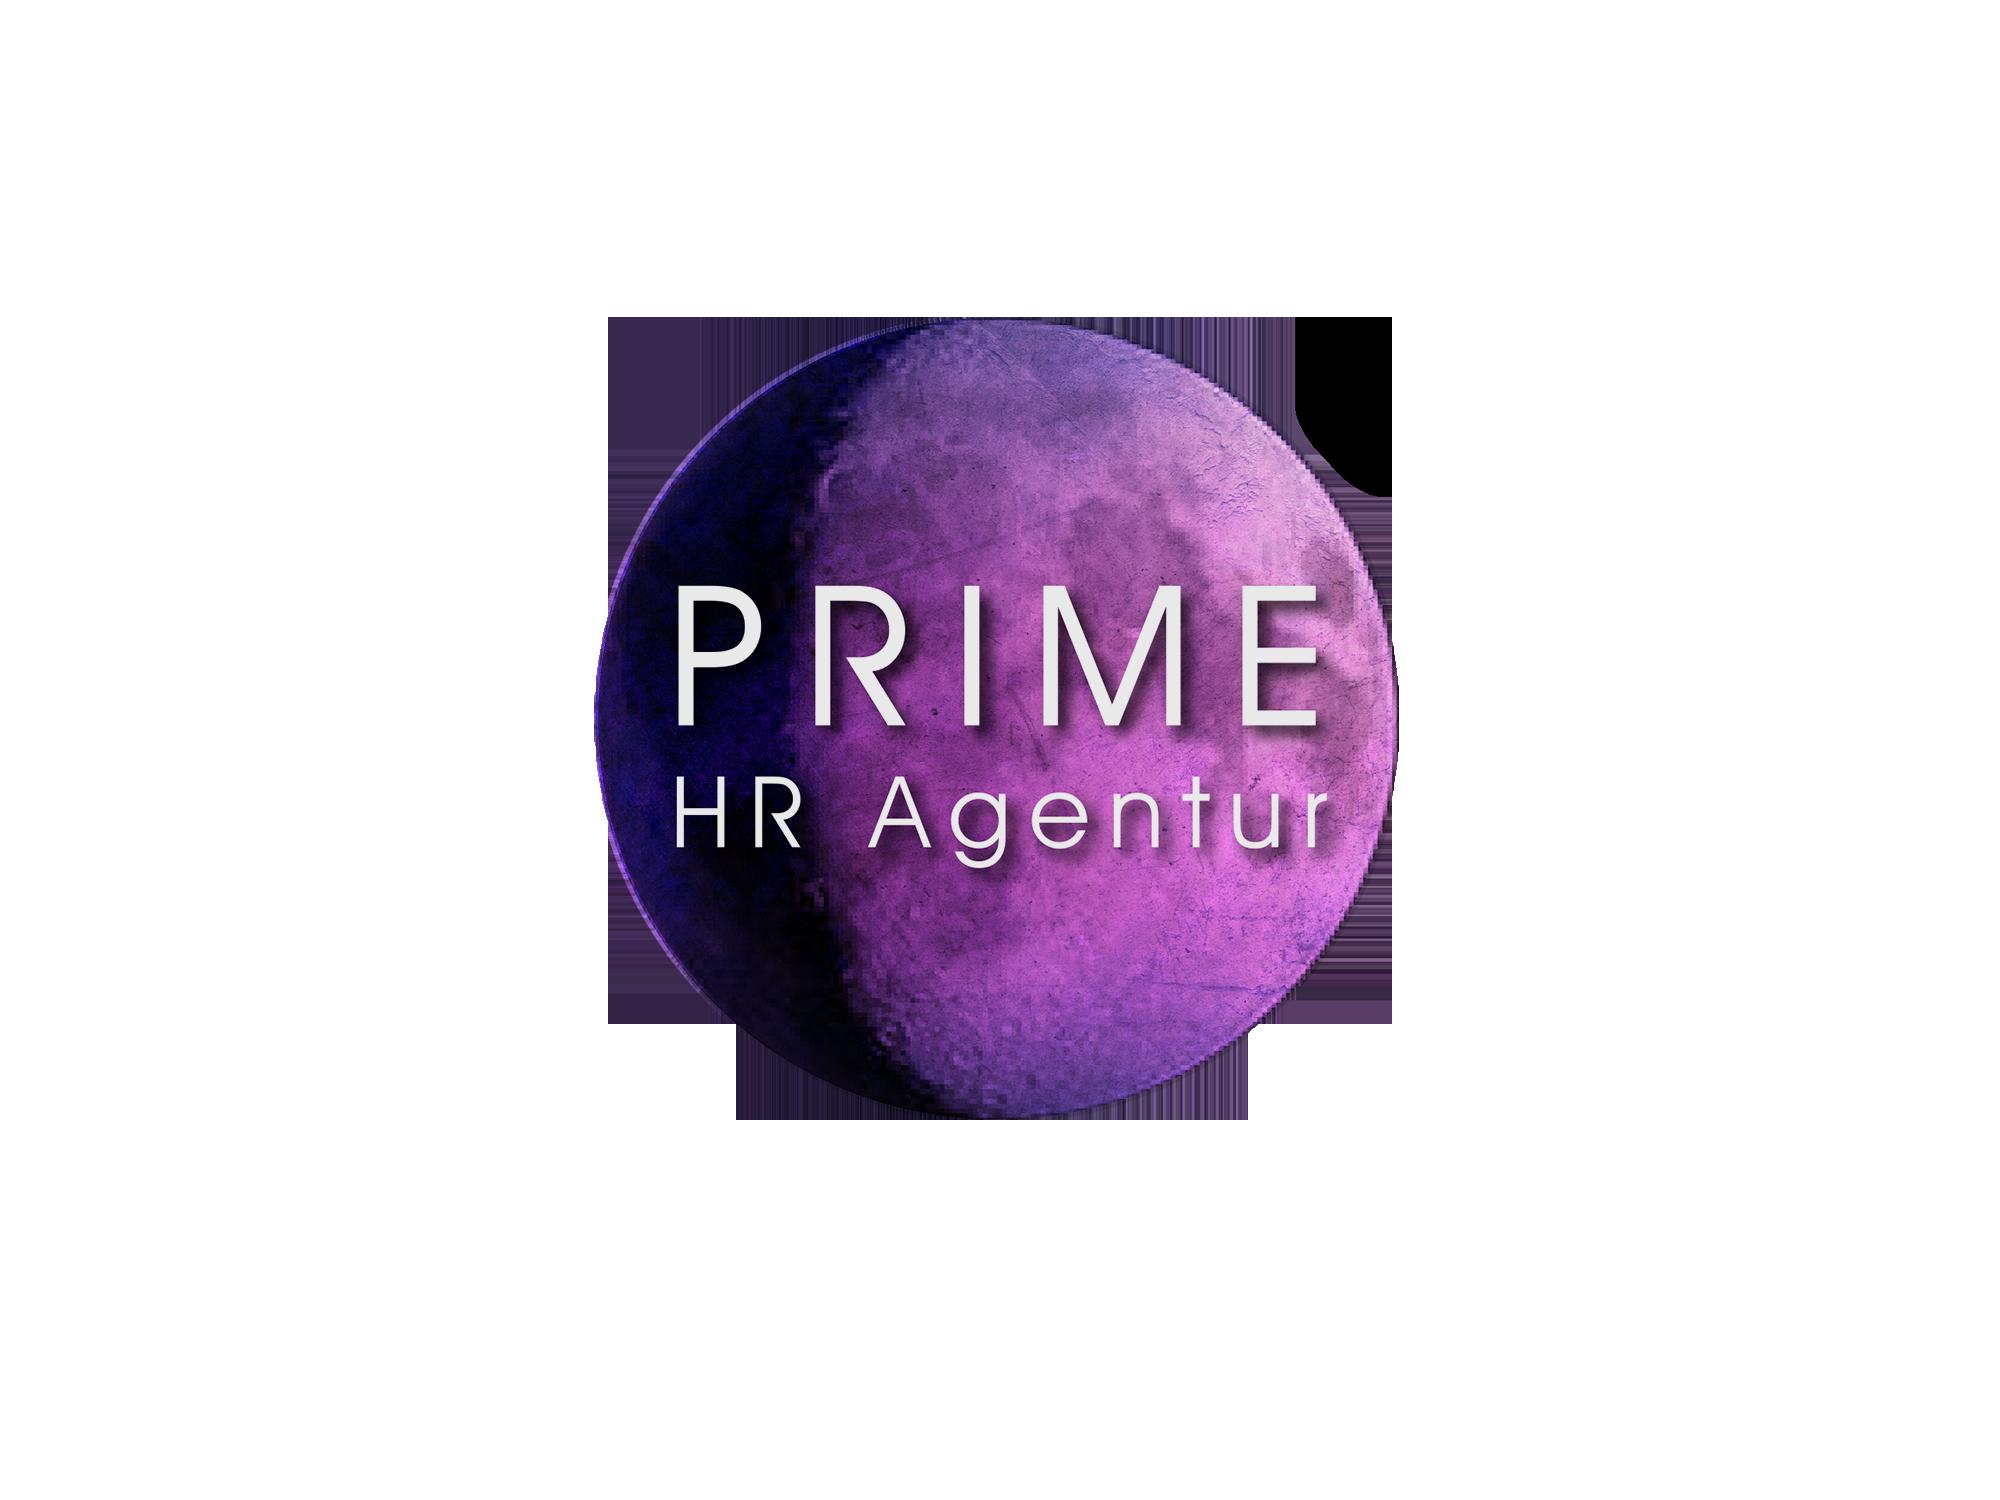 Prime HR Agentur®